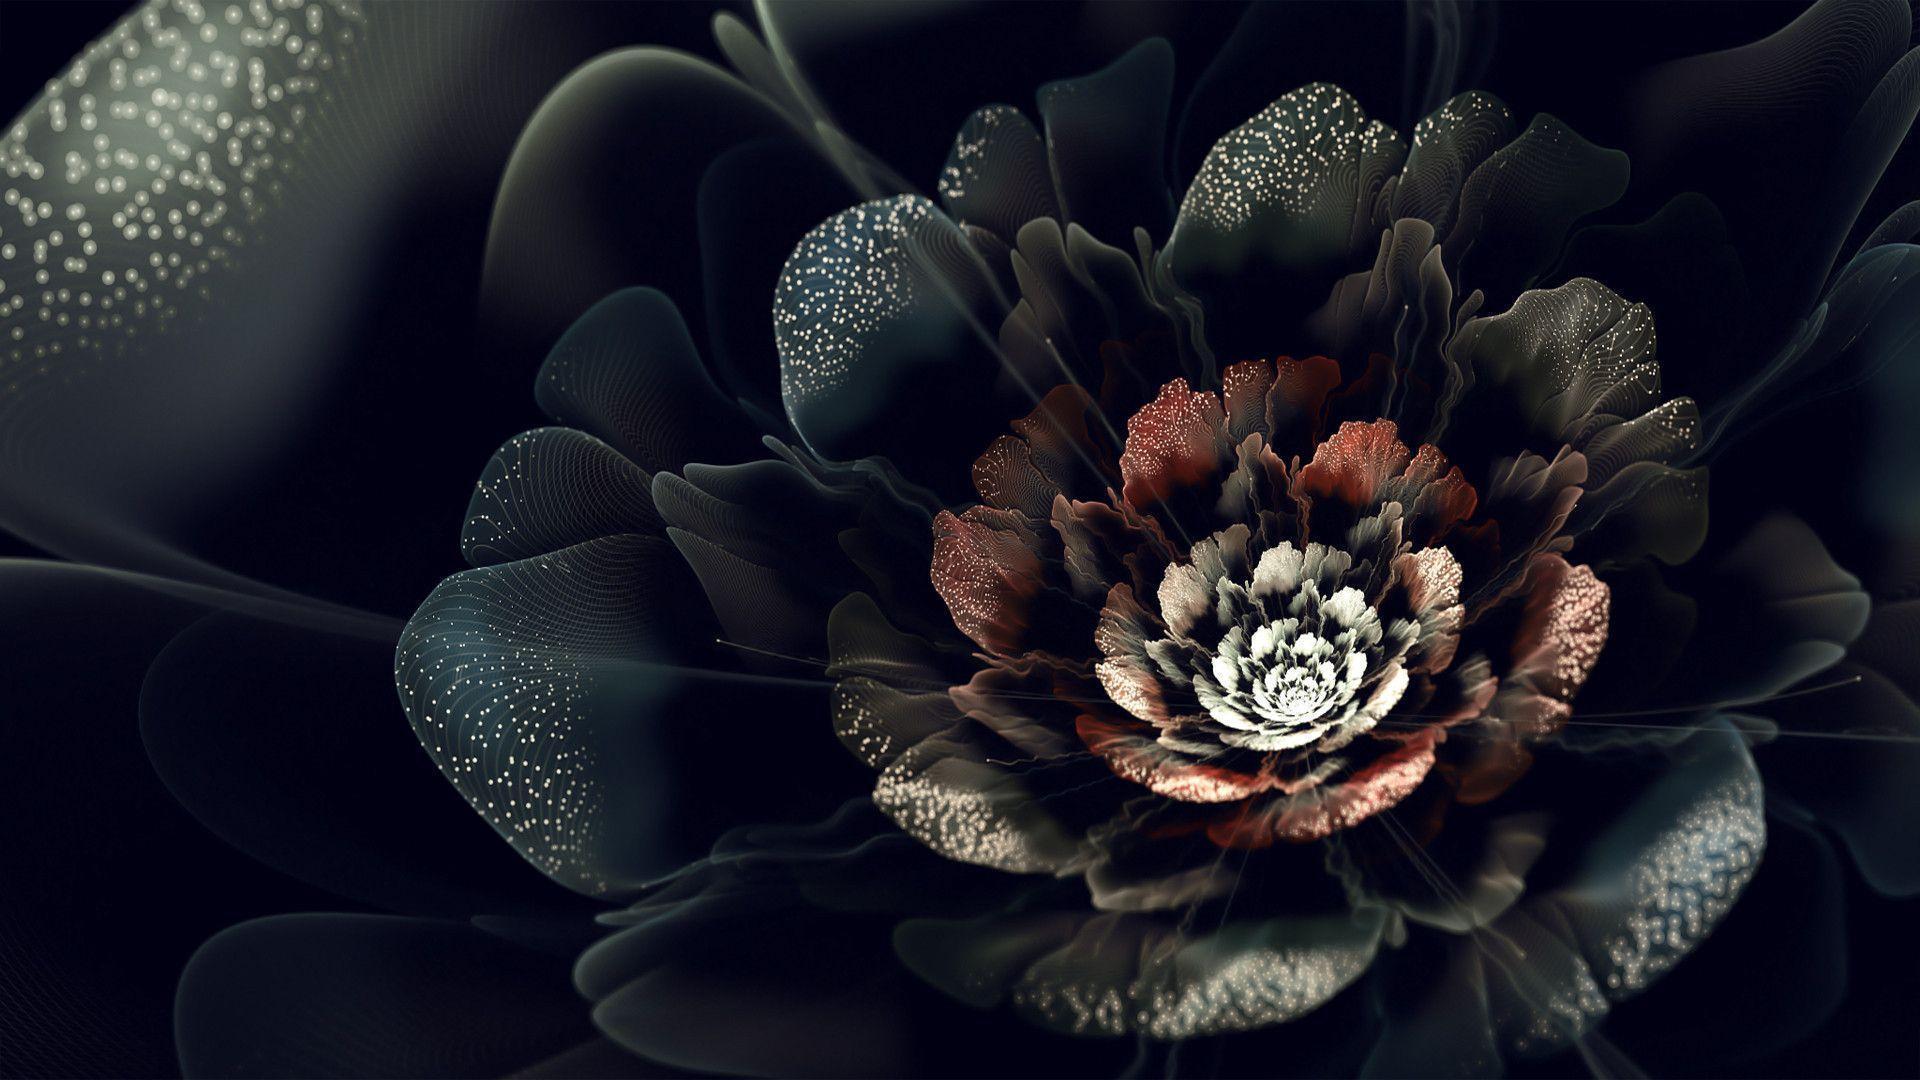 Black Roses Wallpapers - Wallpaper Cave